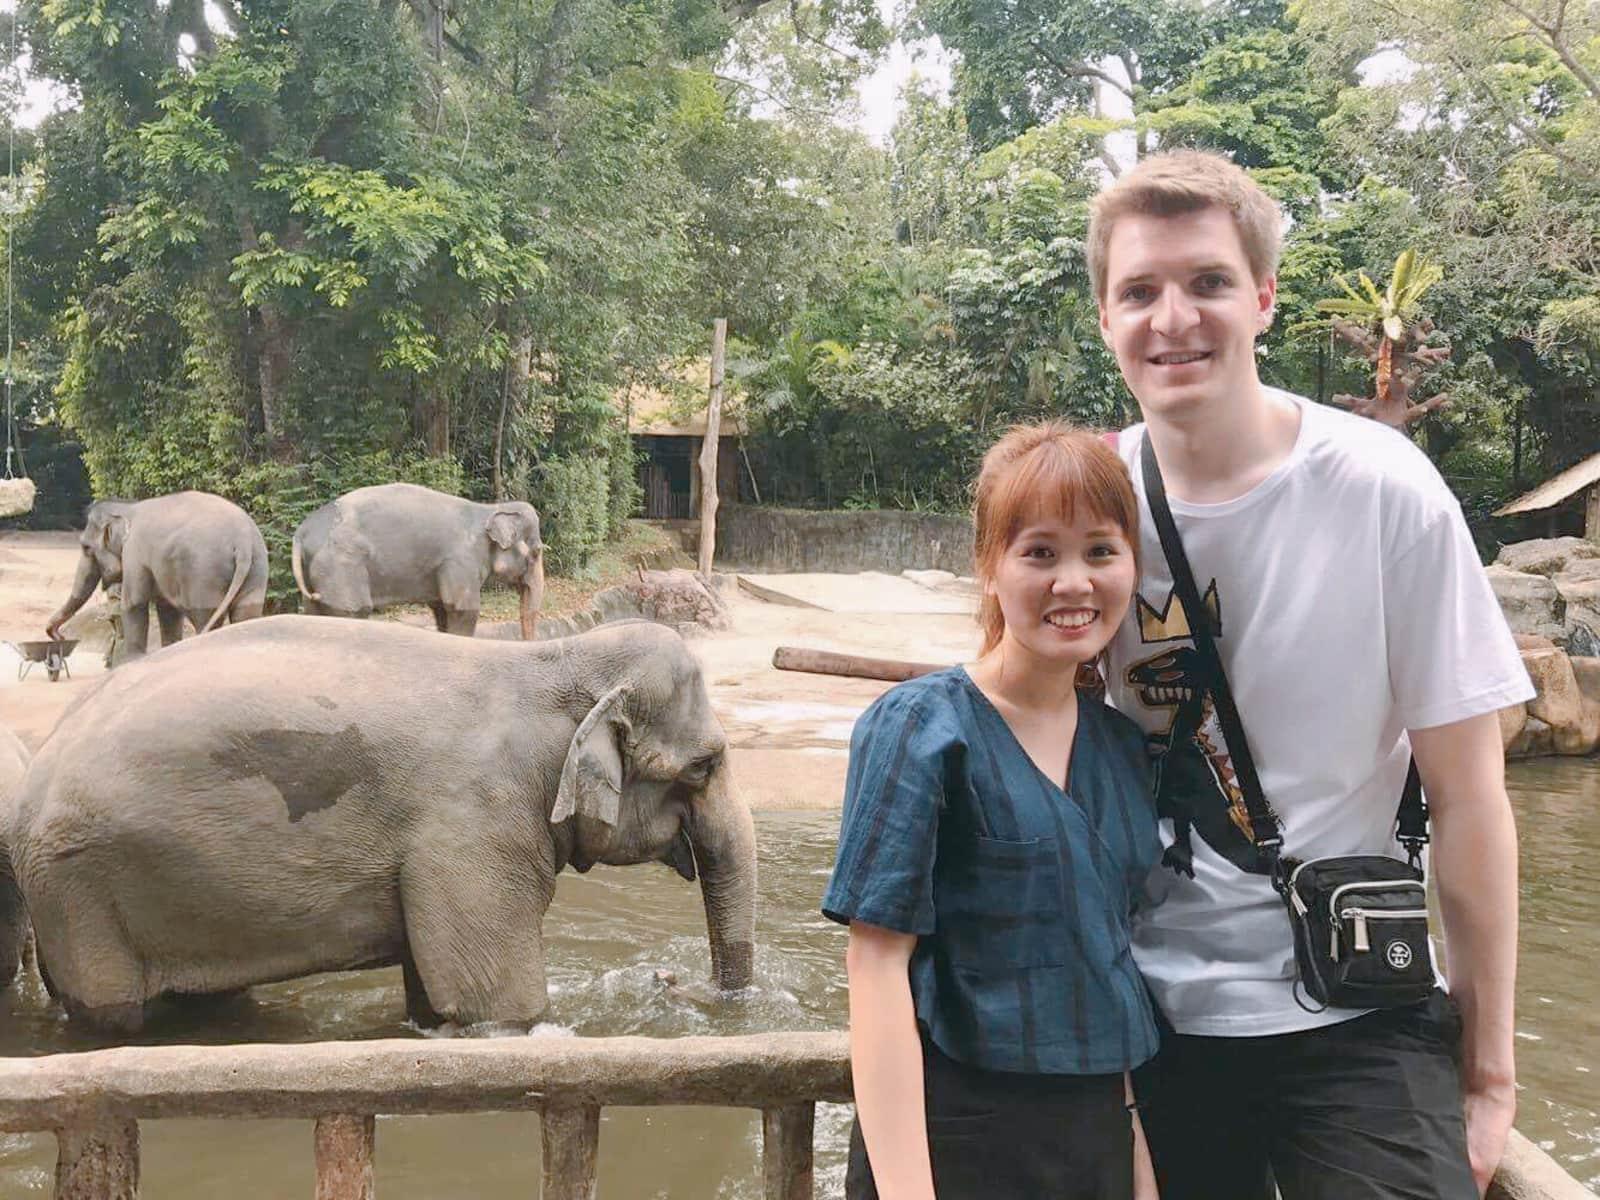 Conrad & Molly from Melbourne, Victoria, Australia